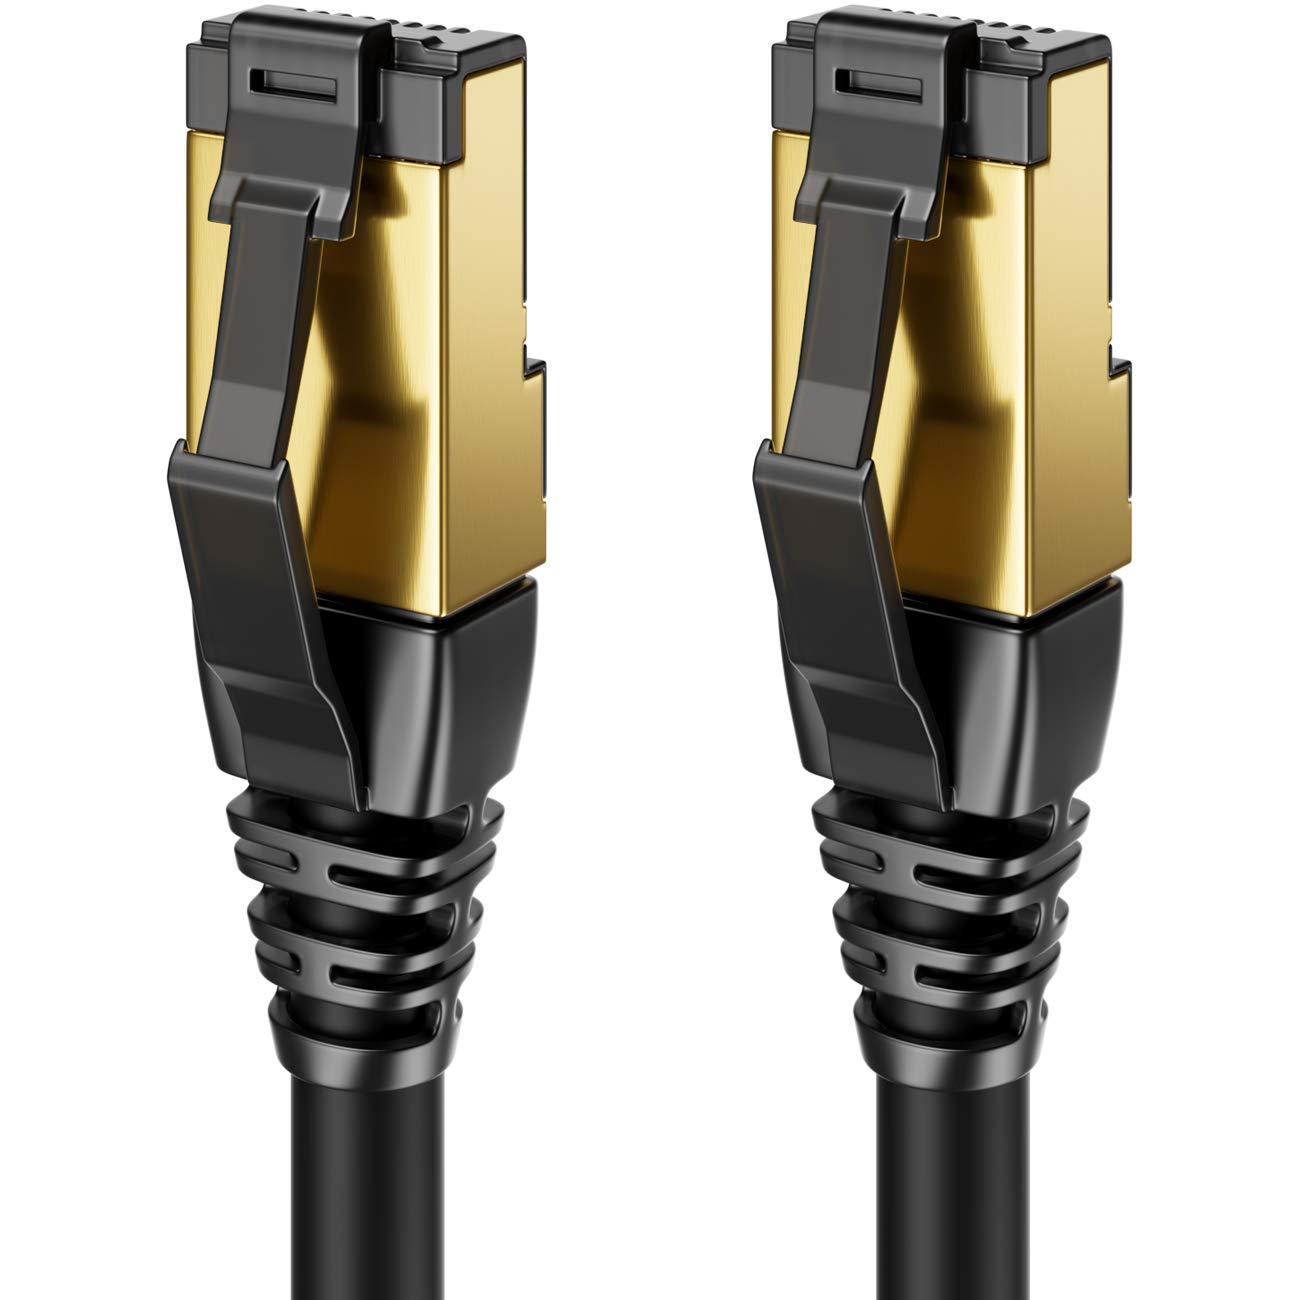 deleyCON 7,5m CAT8 Cavo Patch Cavo di Rete RJ45 LAN Cavo DSL Senza Alogeni Schermatura F//FTP 2000MHz 40Gbit Cat.8 Cavo Ethernet Spina RJ45 Dorato Nero